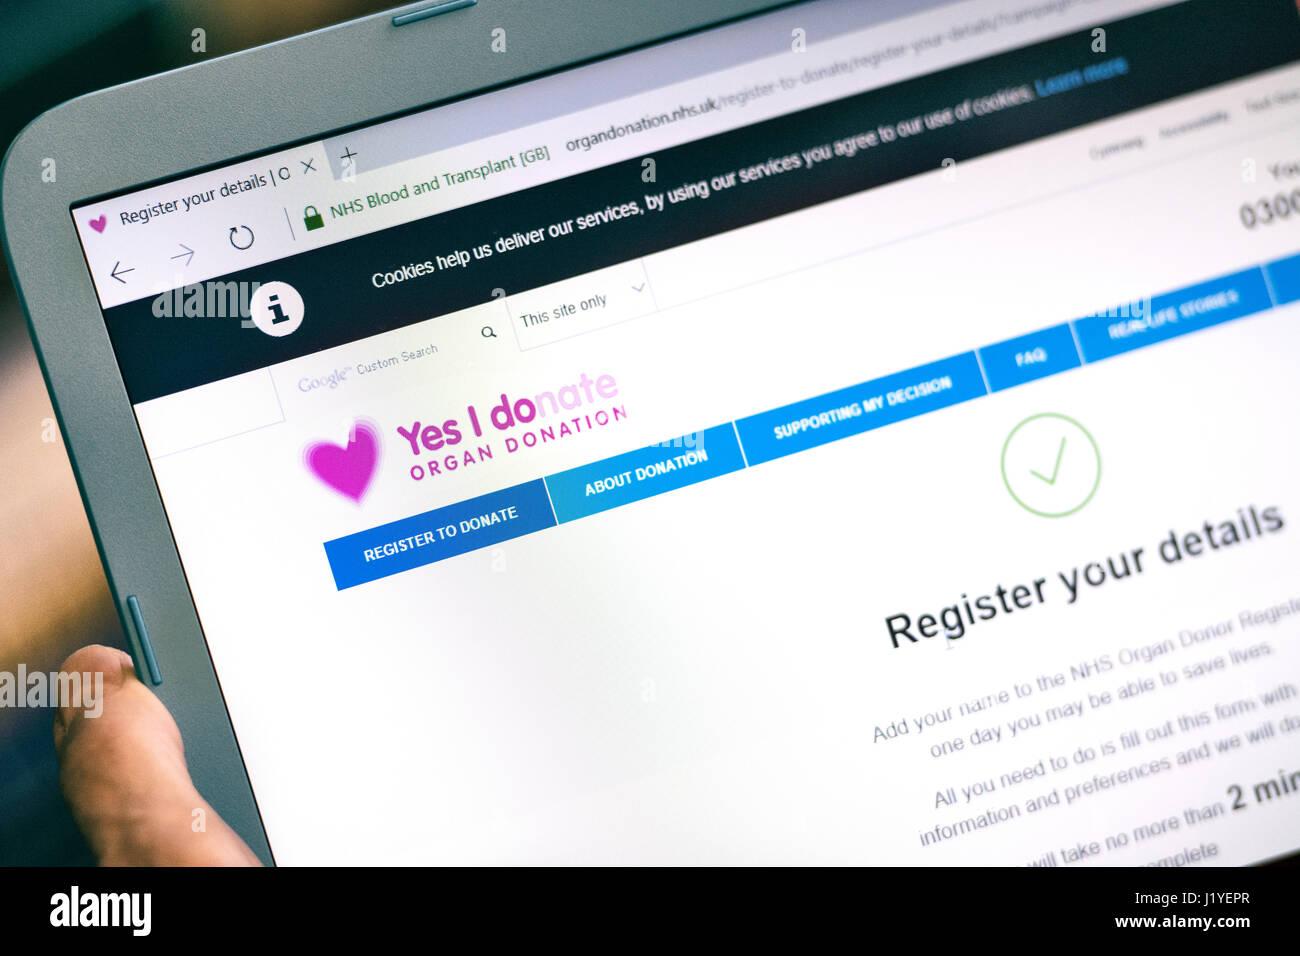 La donación de órganos, sangre y trasplante Registro Registro NHS online website, página web Imagen De Stock